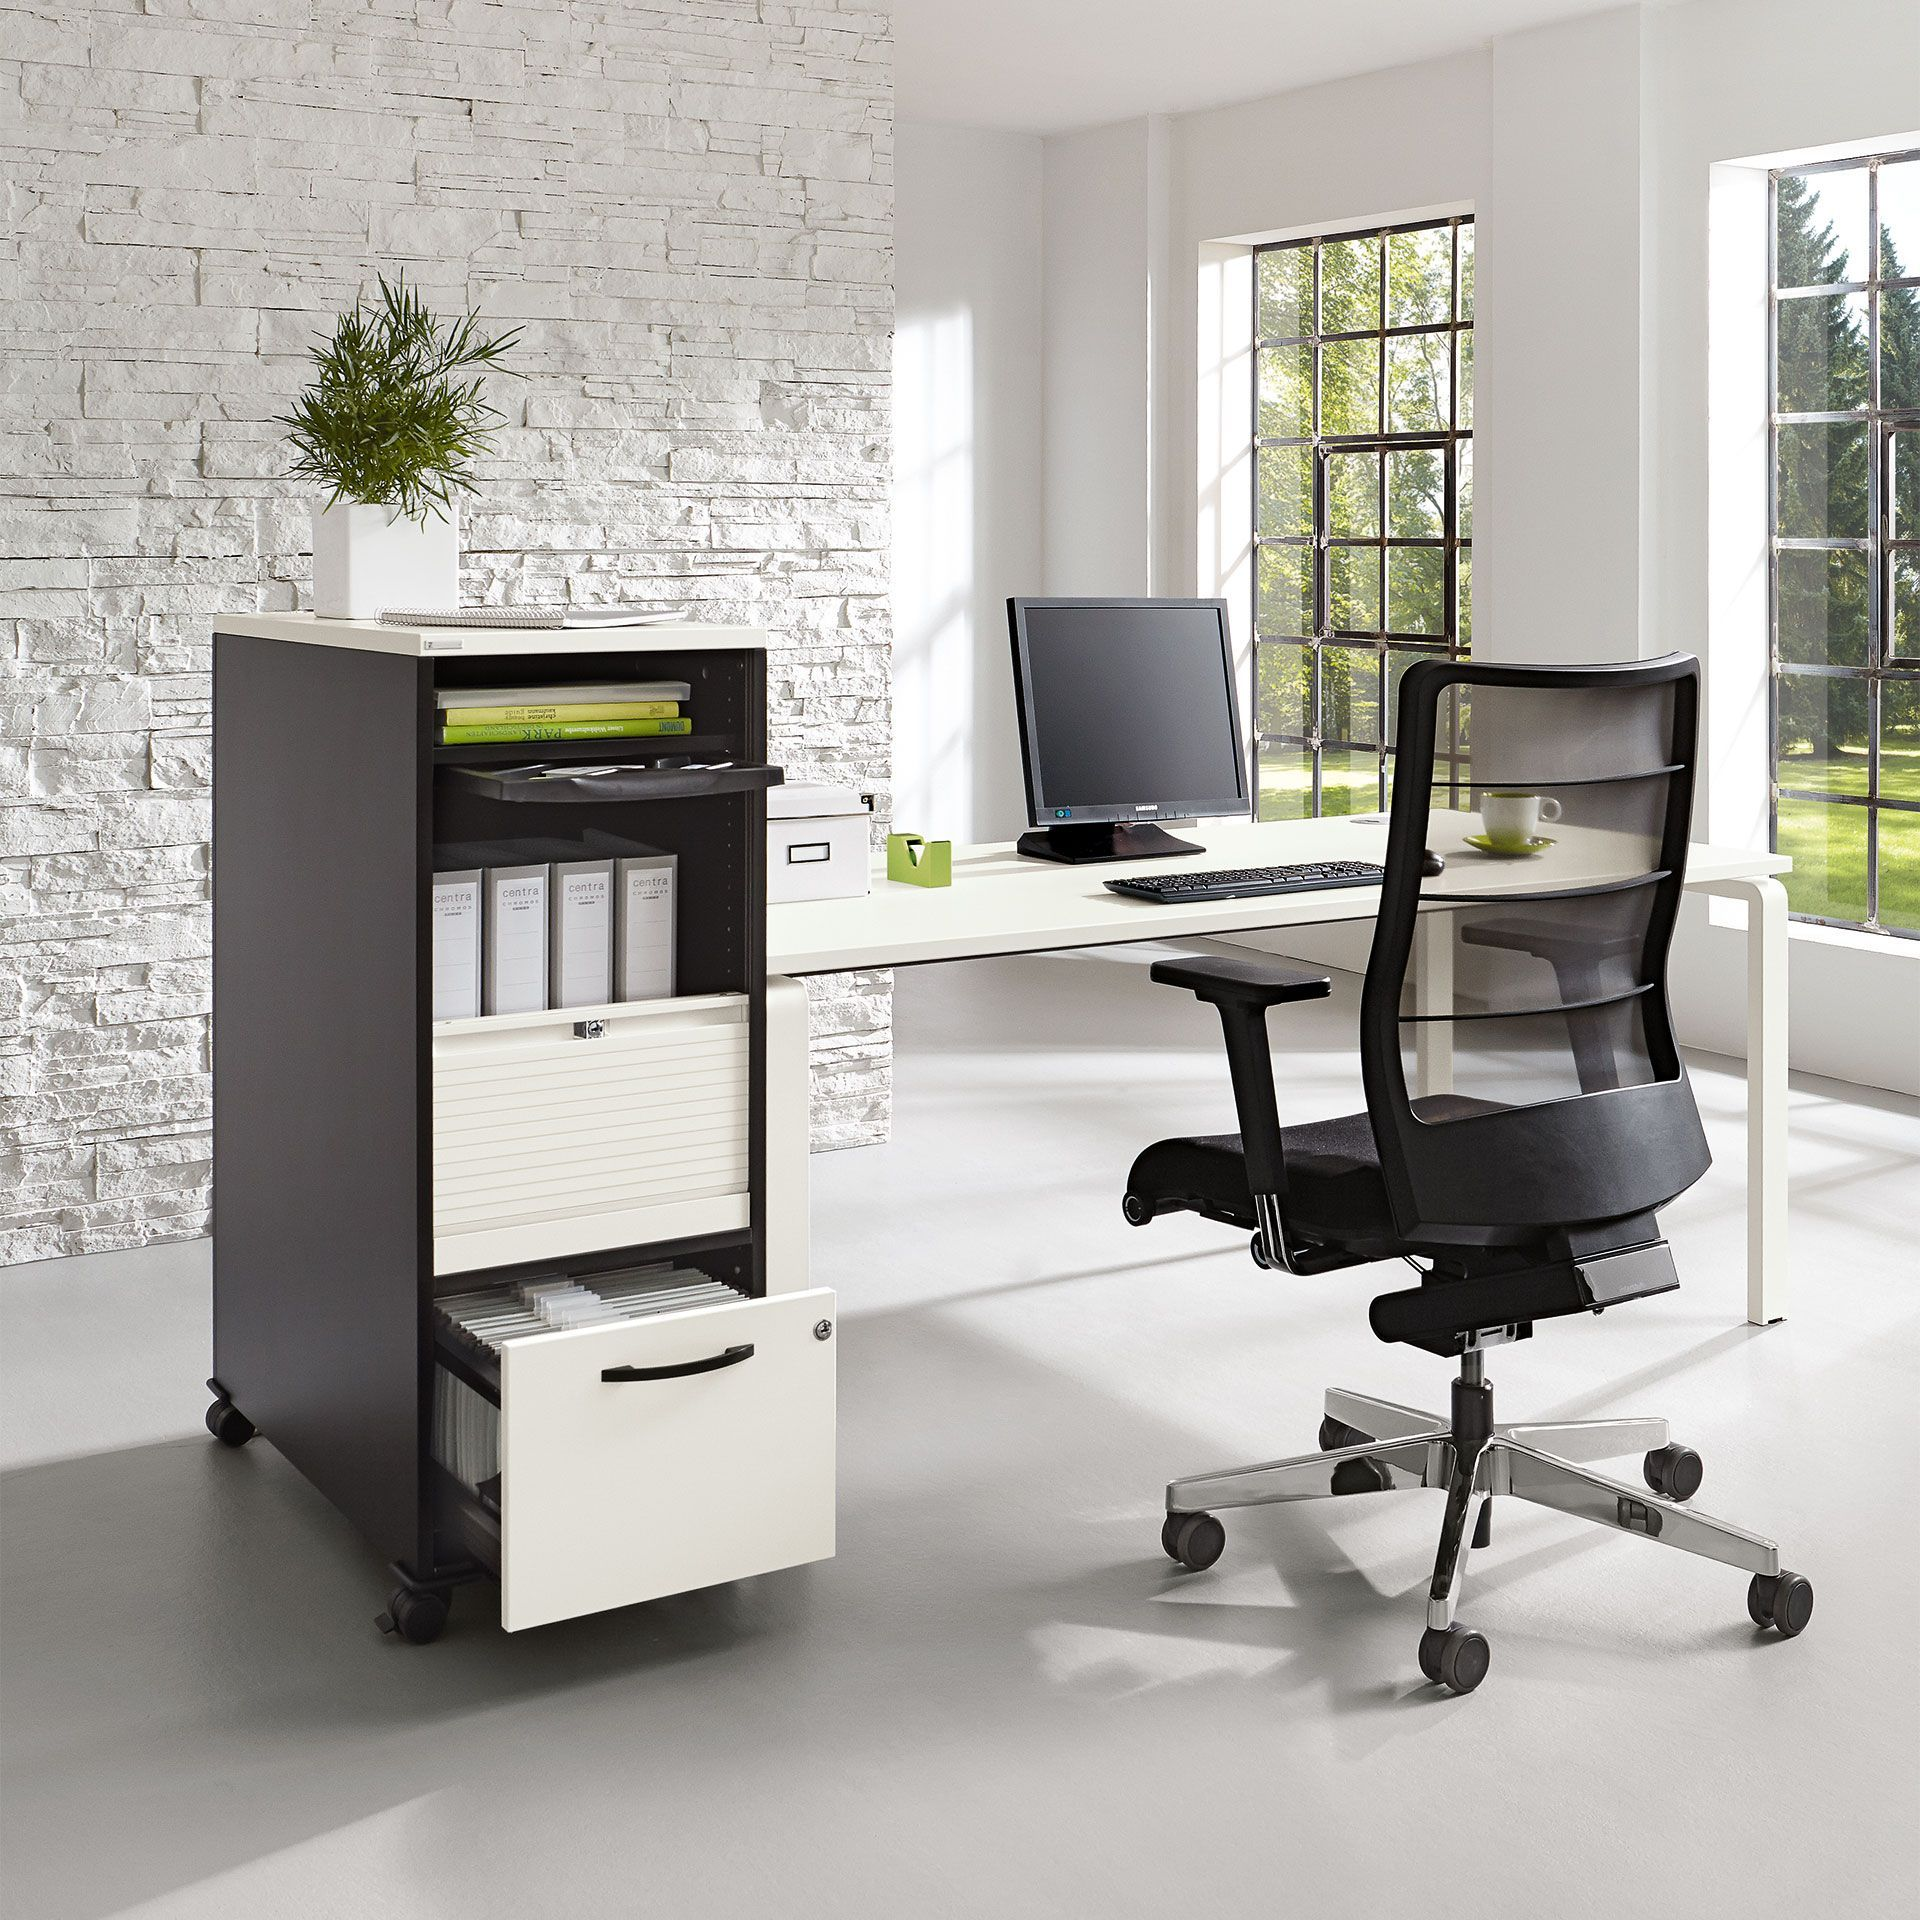 Schreibtisch Buroeinrichtung Office Objekteinrichtung Buro Palmberg Orga Plus Caddy Buroeinrichtung Buero Einrichtung